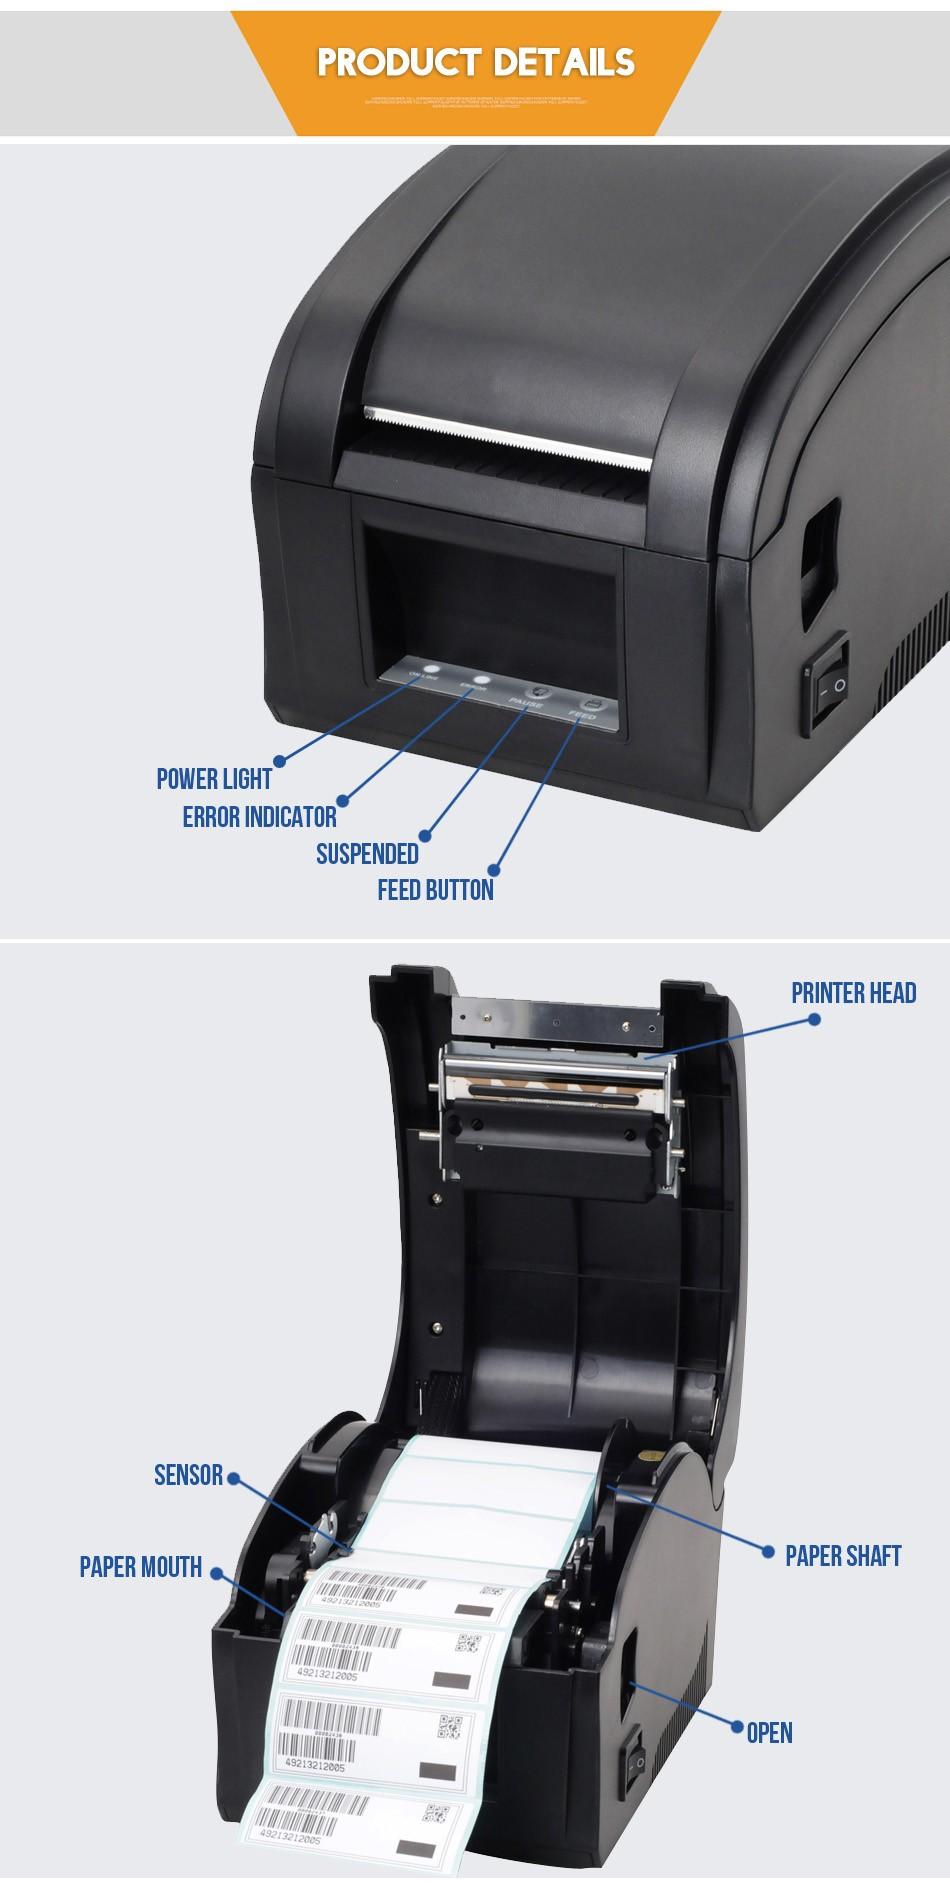 XP360B-950-02